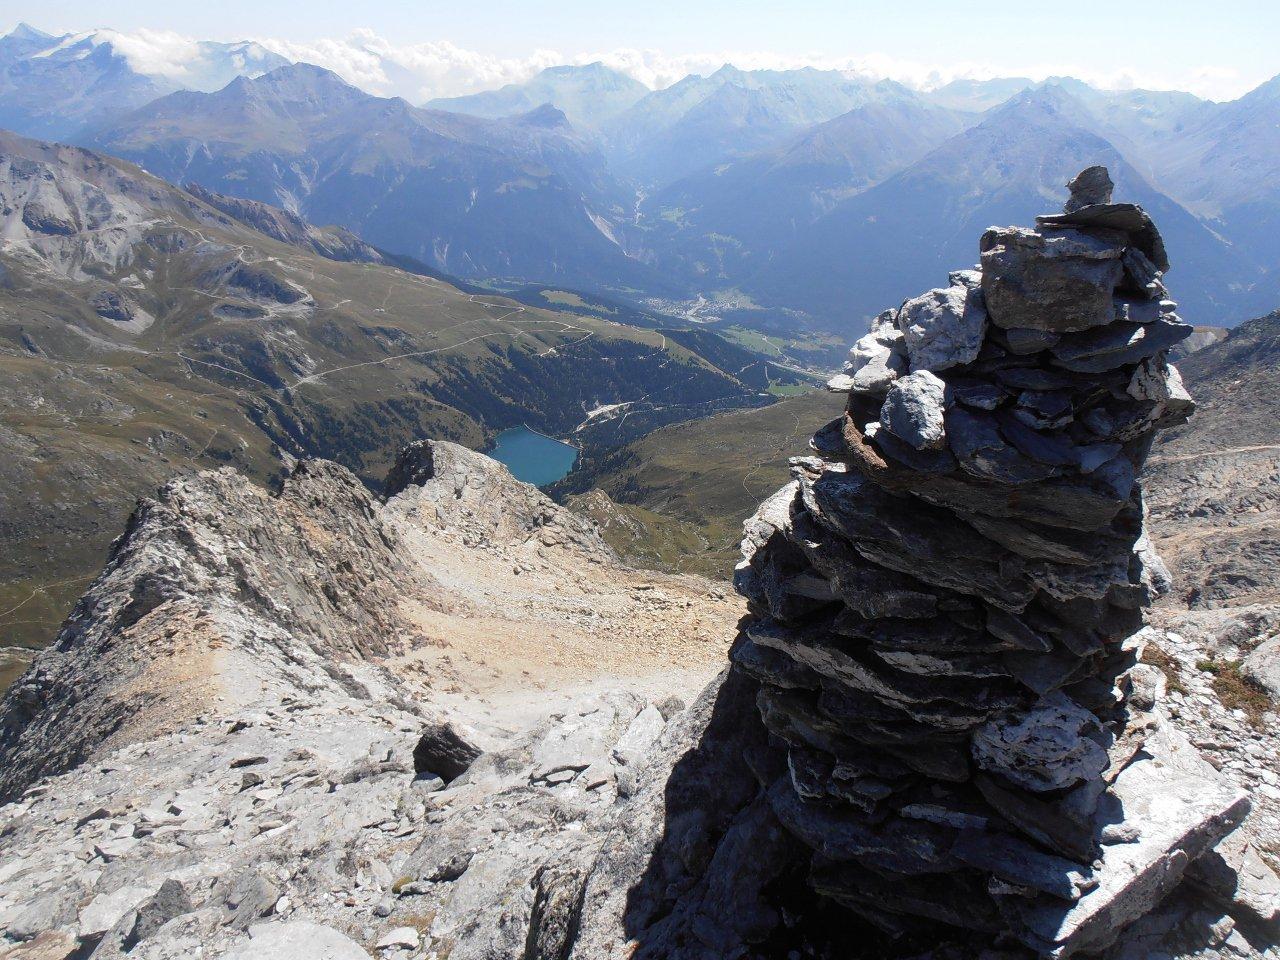 01 - dalla cima del Gran Roc guardando verso il lago di Plan d'Amont, punto di partenza